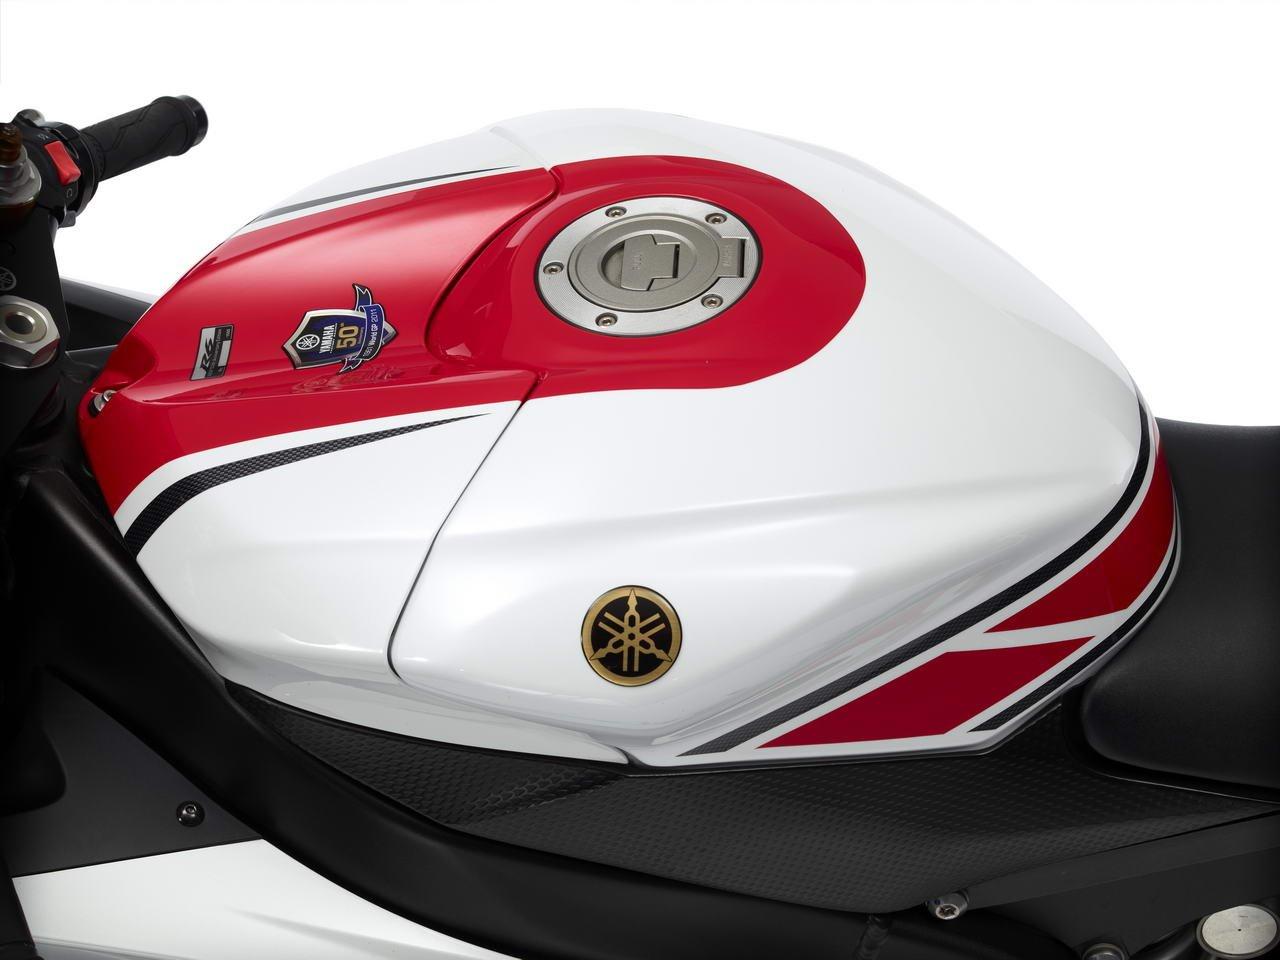 Listino Moto-Guzzi Bellagio 940 Custom e Cruiser - image 15578_yamaha-yzfr6-50th-anniversary on https://moto.motori.net